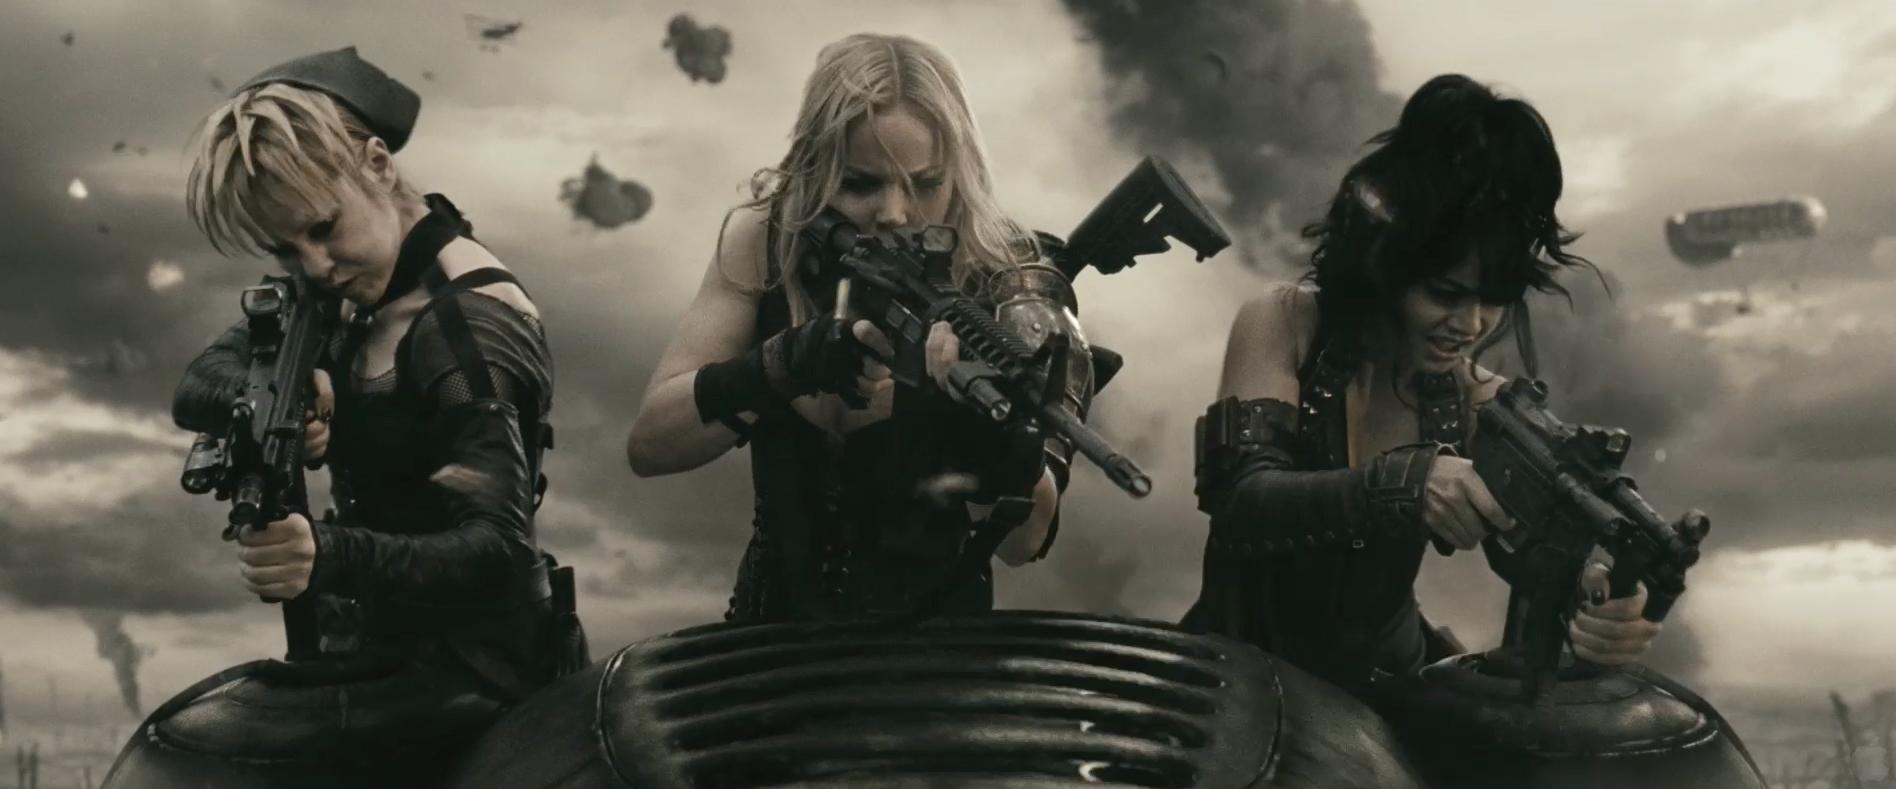 Sucker-Punch-movie-image